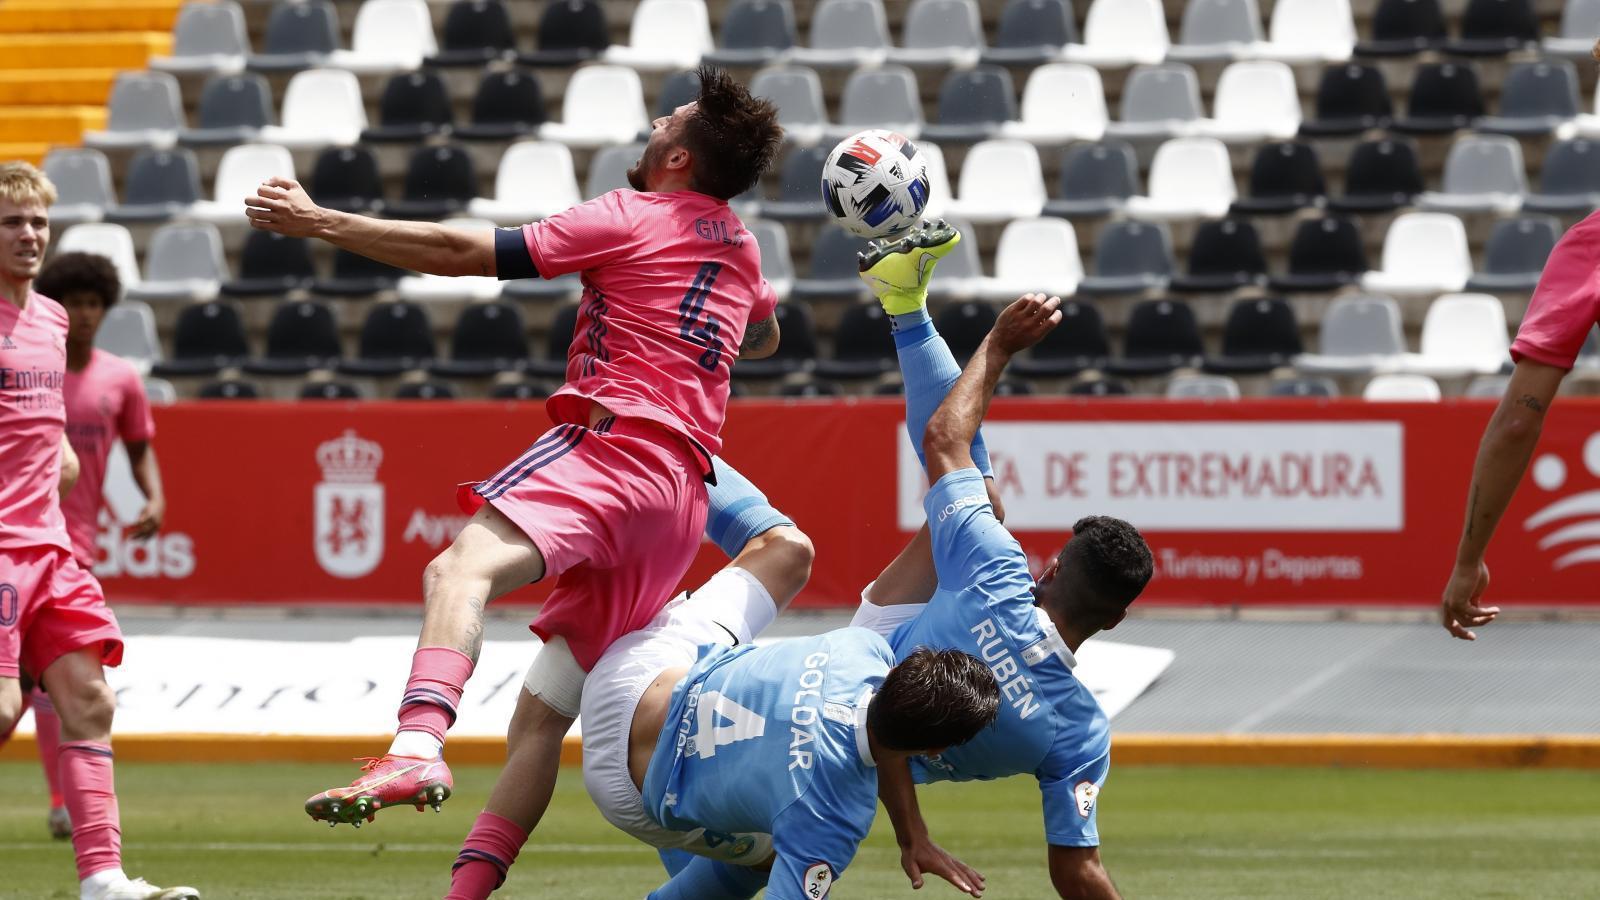 El Ibiza hace valer empate ante el Castilla (0-0) y pasa a ronda definitiva